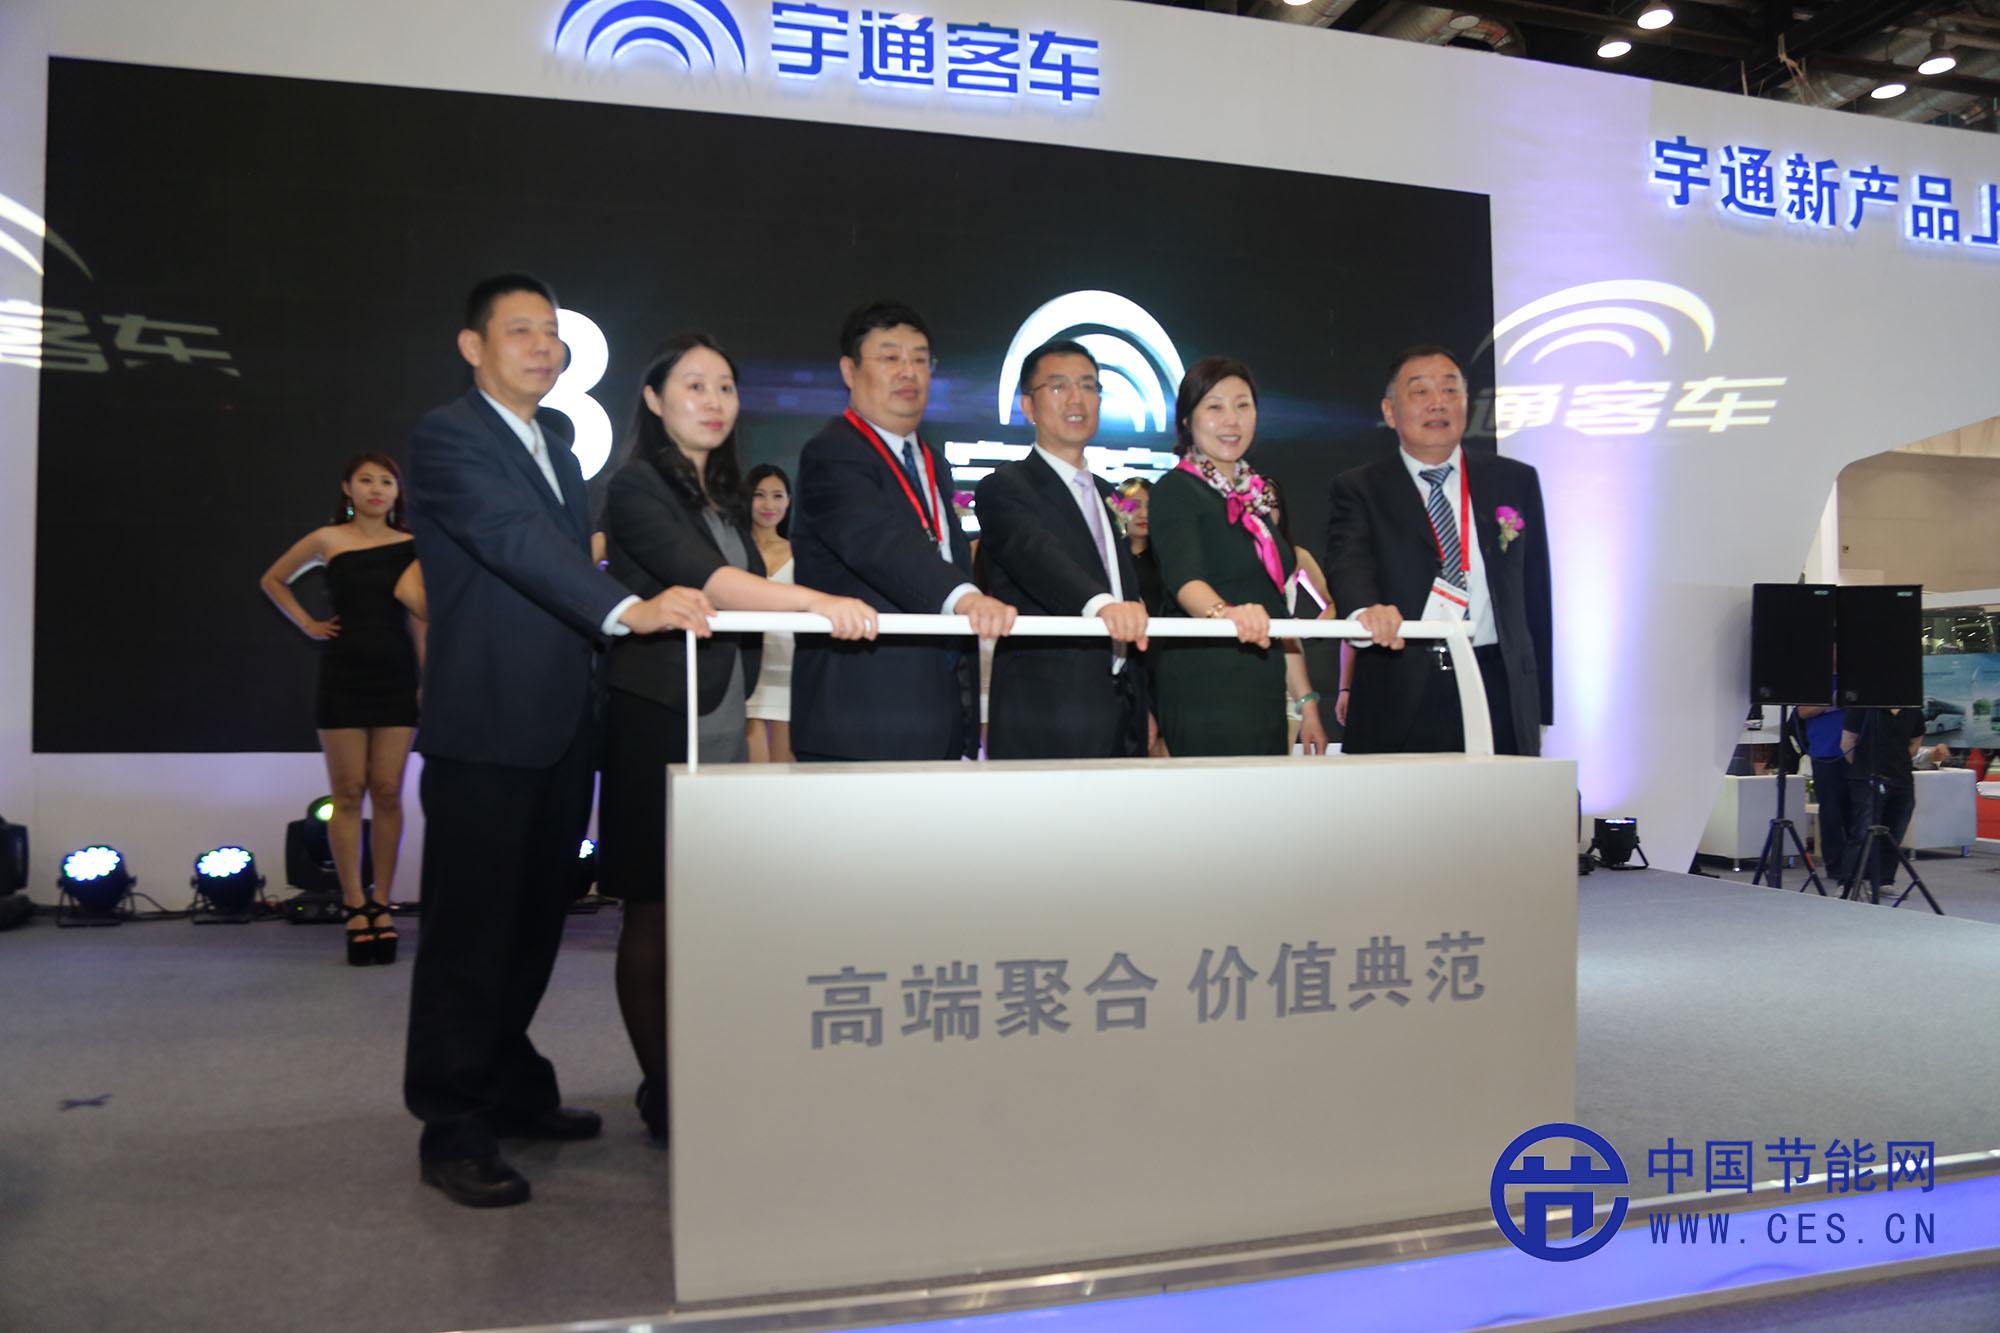 宇通携重磅新品客车亮相北京道路运输车辆展